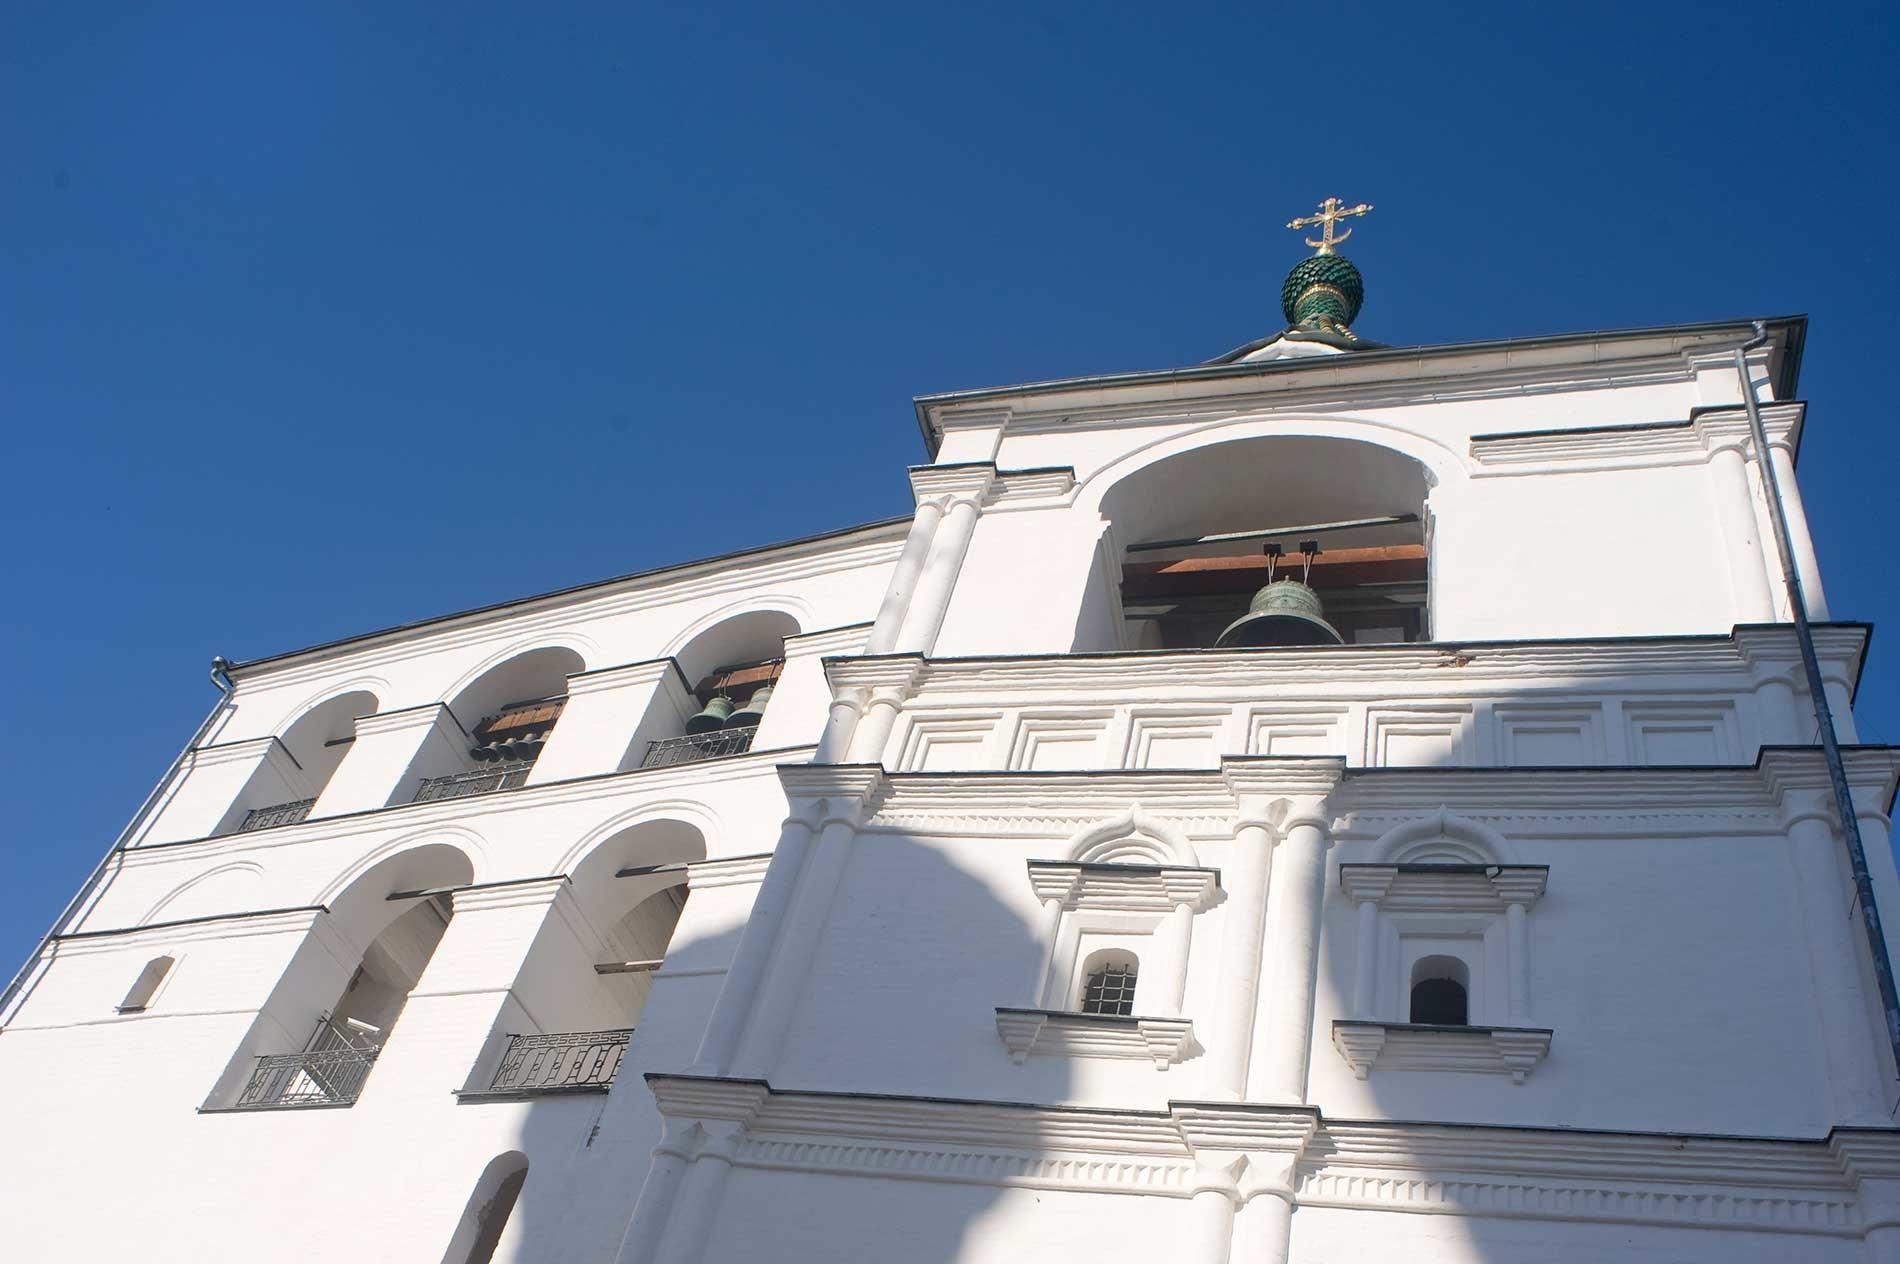 Ипатјевски манастир Свете Тројице. Звоник храма, горњи део, поглед са источне стране. 13. август 2017.